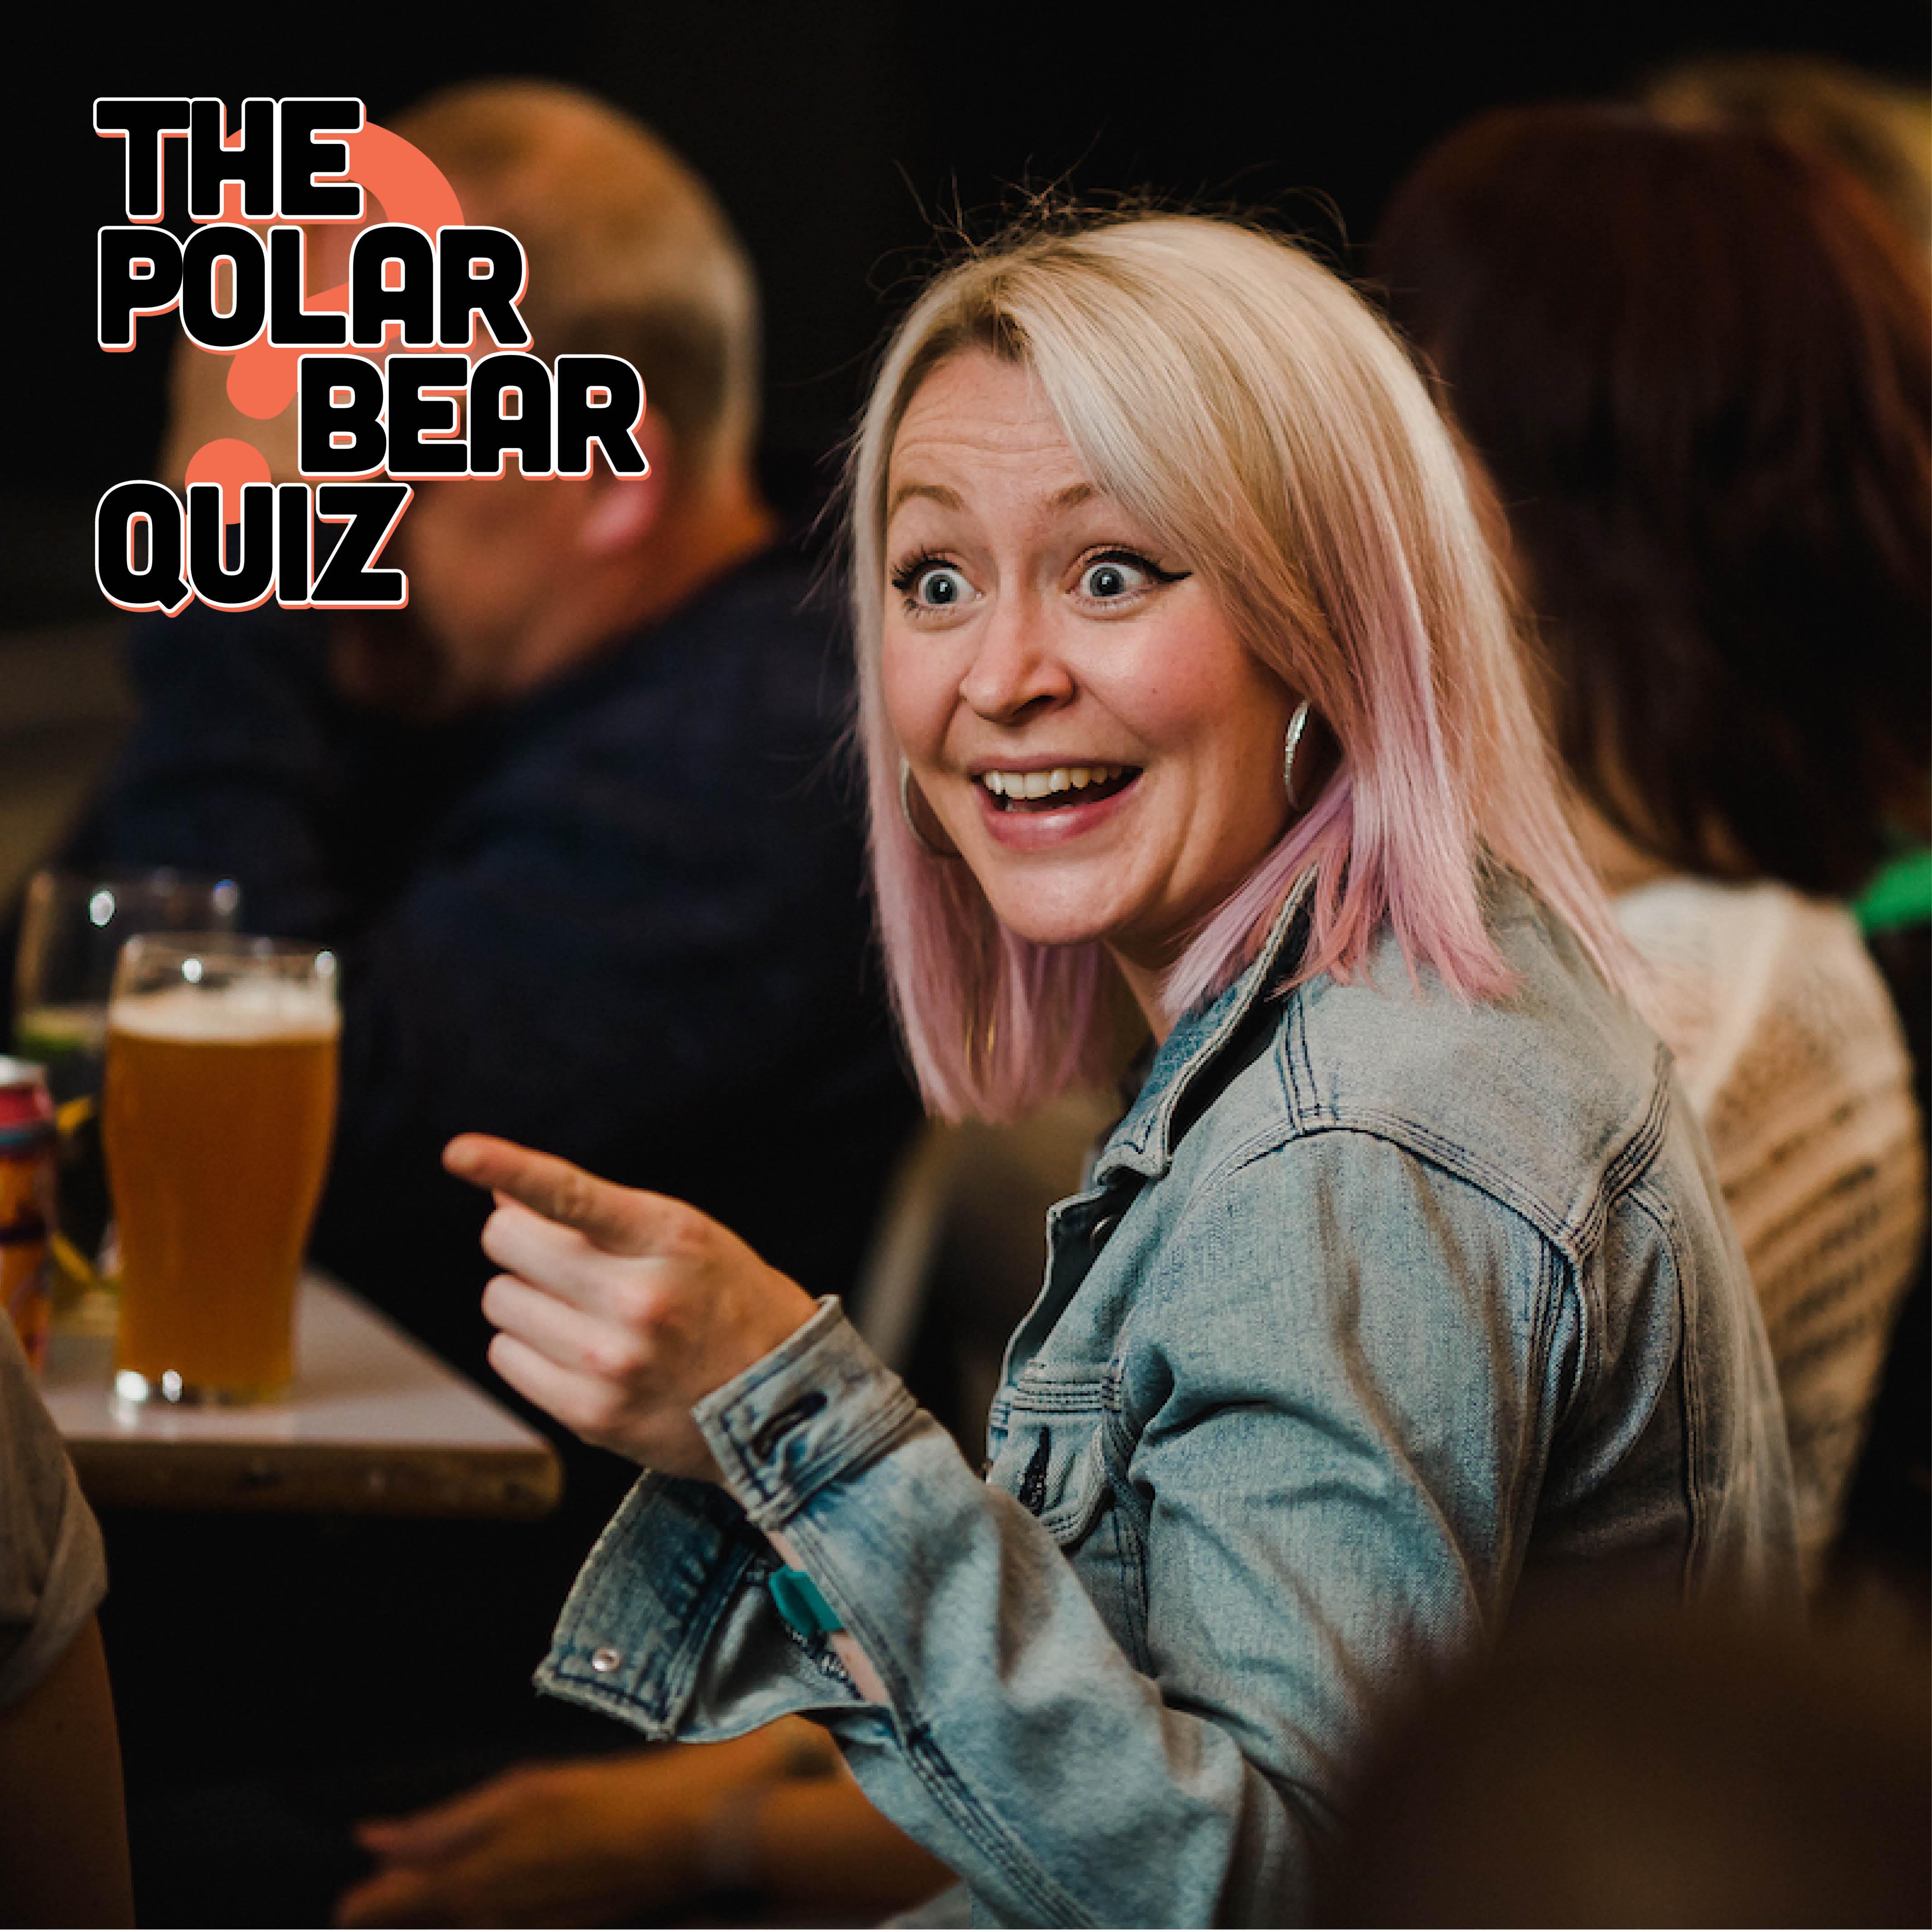 Polar Bear Quiz